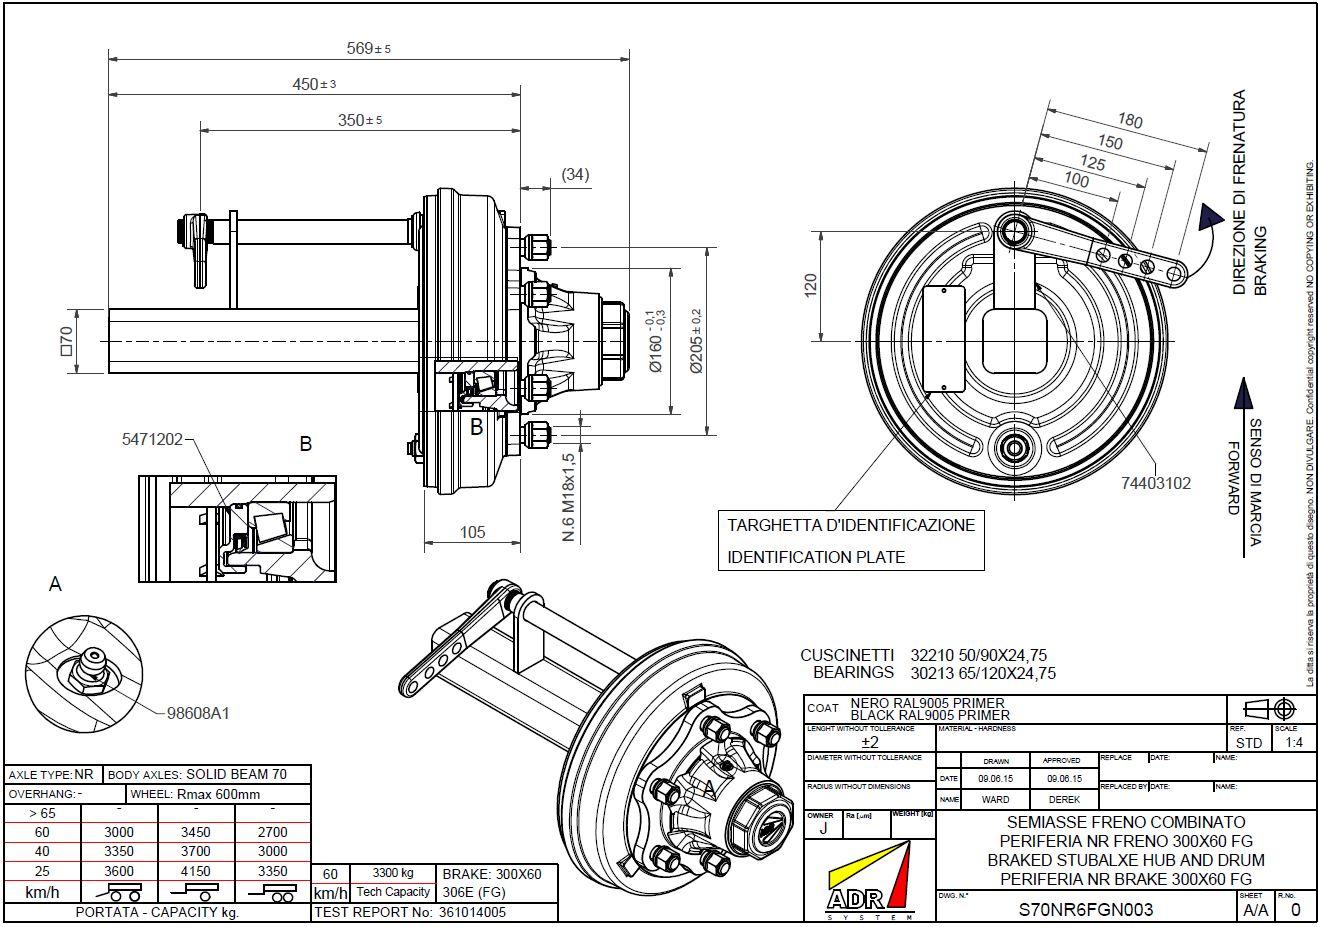 Stub Axle Adr 70sq Braked 6h 300x60